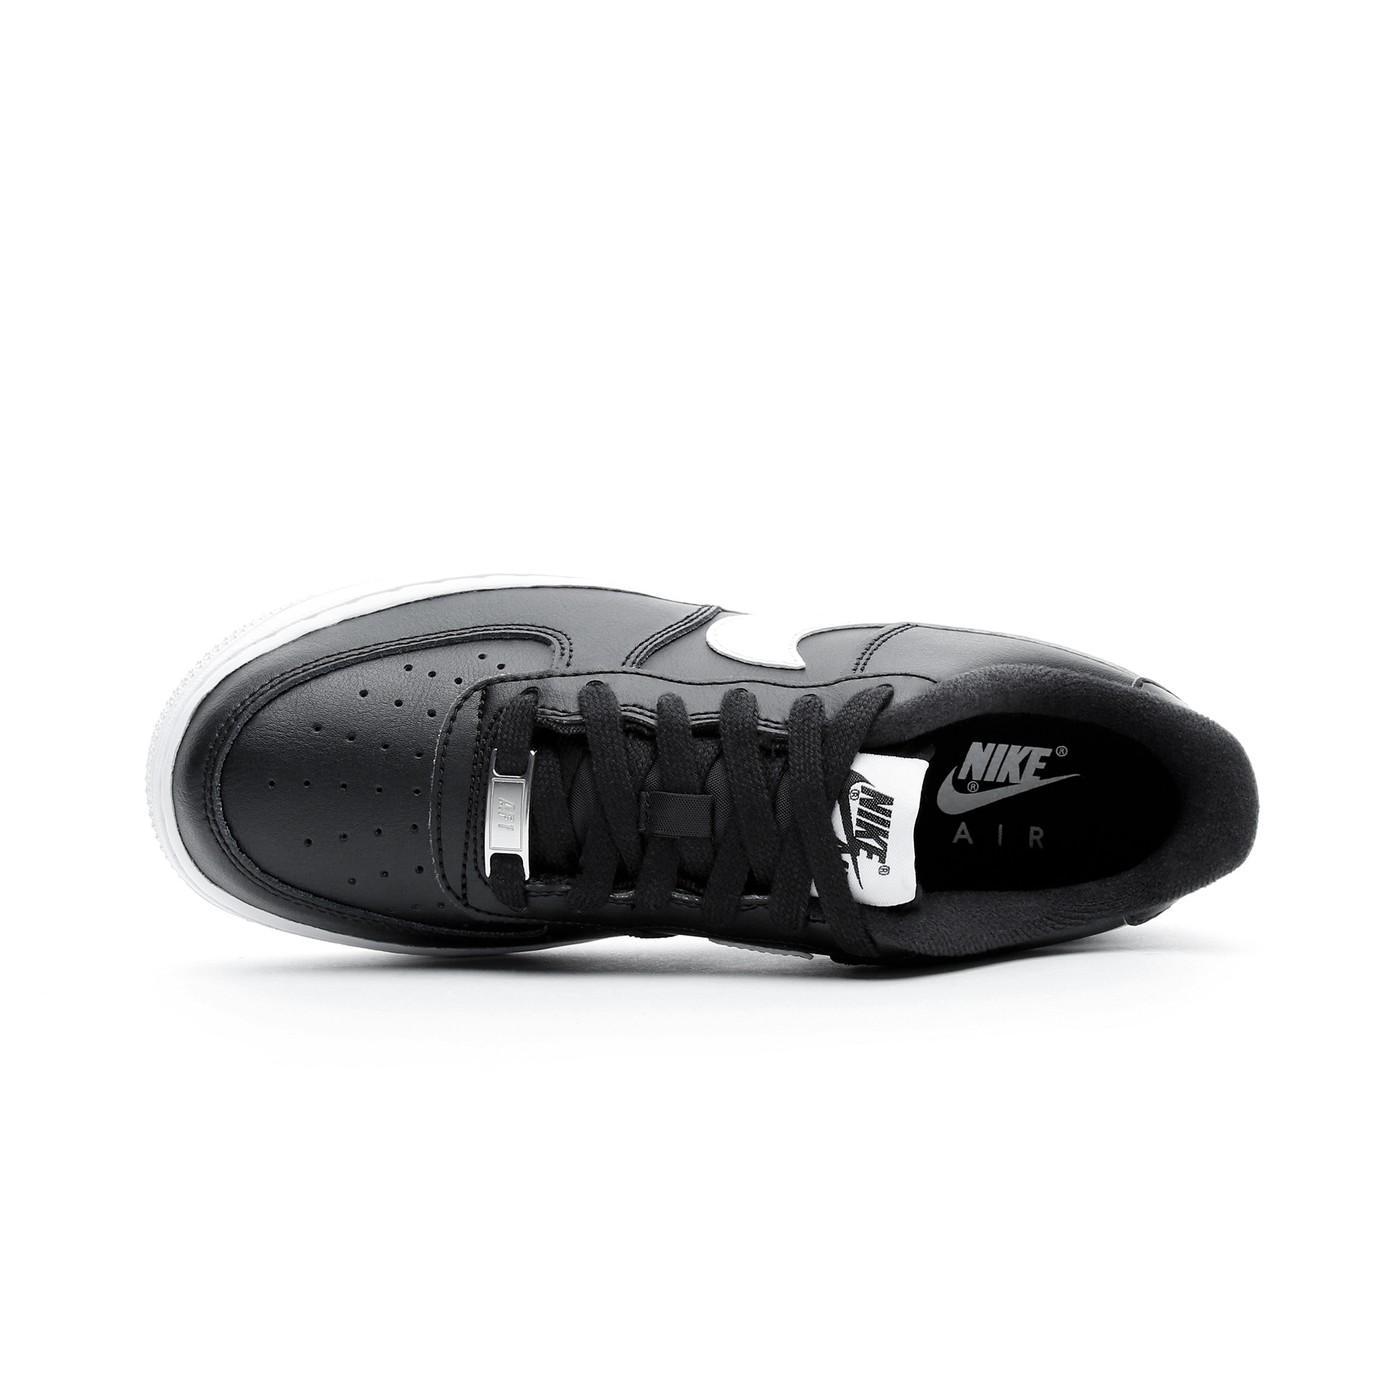 Nike Air Force 1 Kadın Siyah Spor Ayakkabı